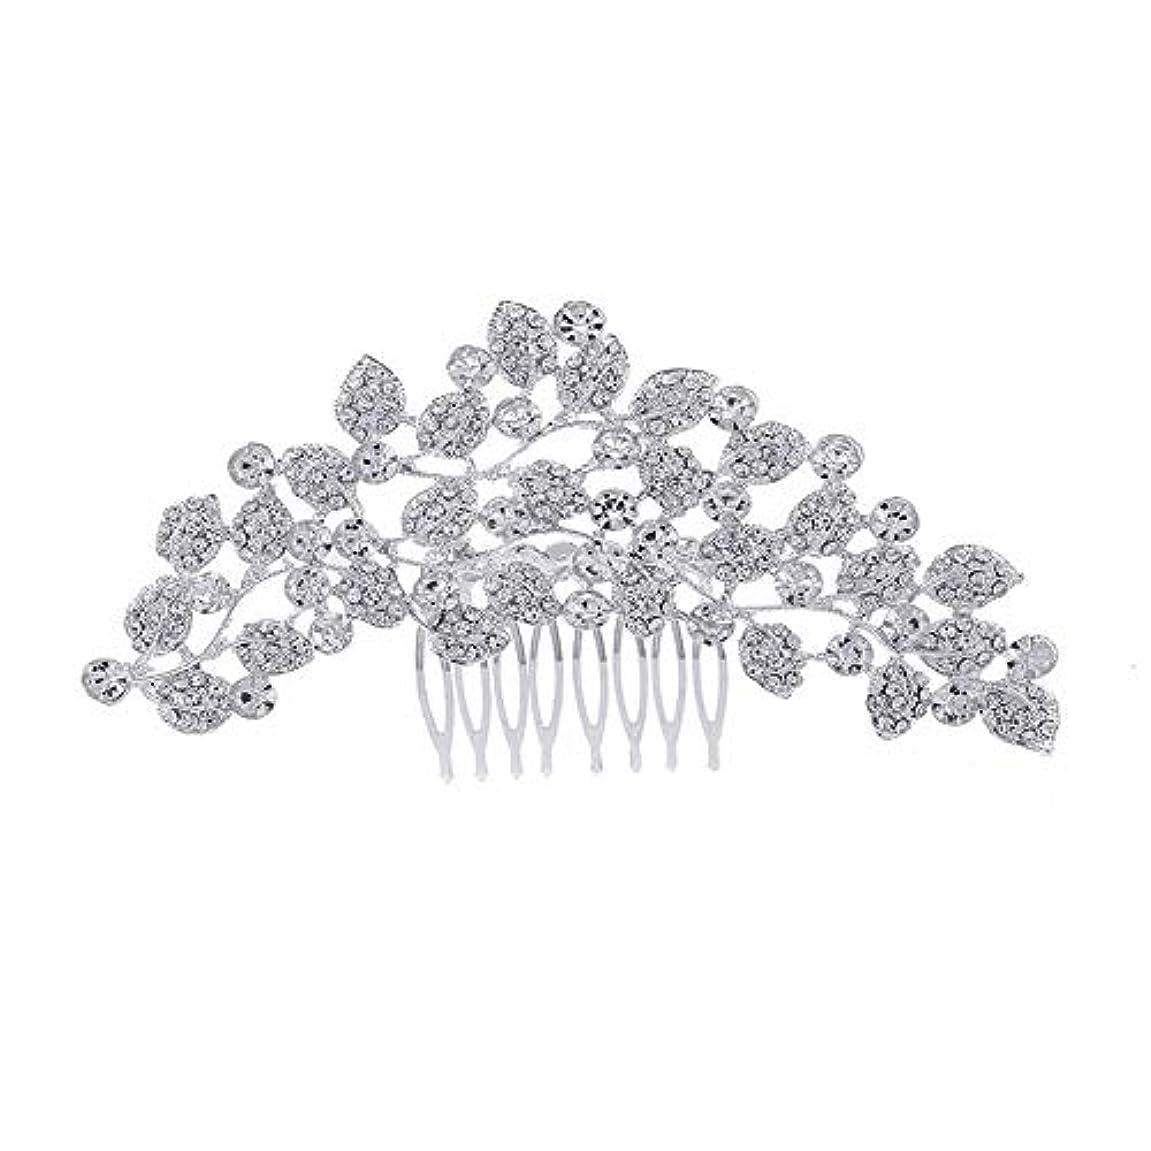 髪の櫛、櫛、ブライダル髪、櫛、髪の櫛、ラインストーンの櫛、葉の髪の櫛、結婚式の髪の櫛